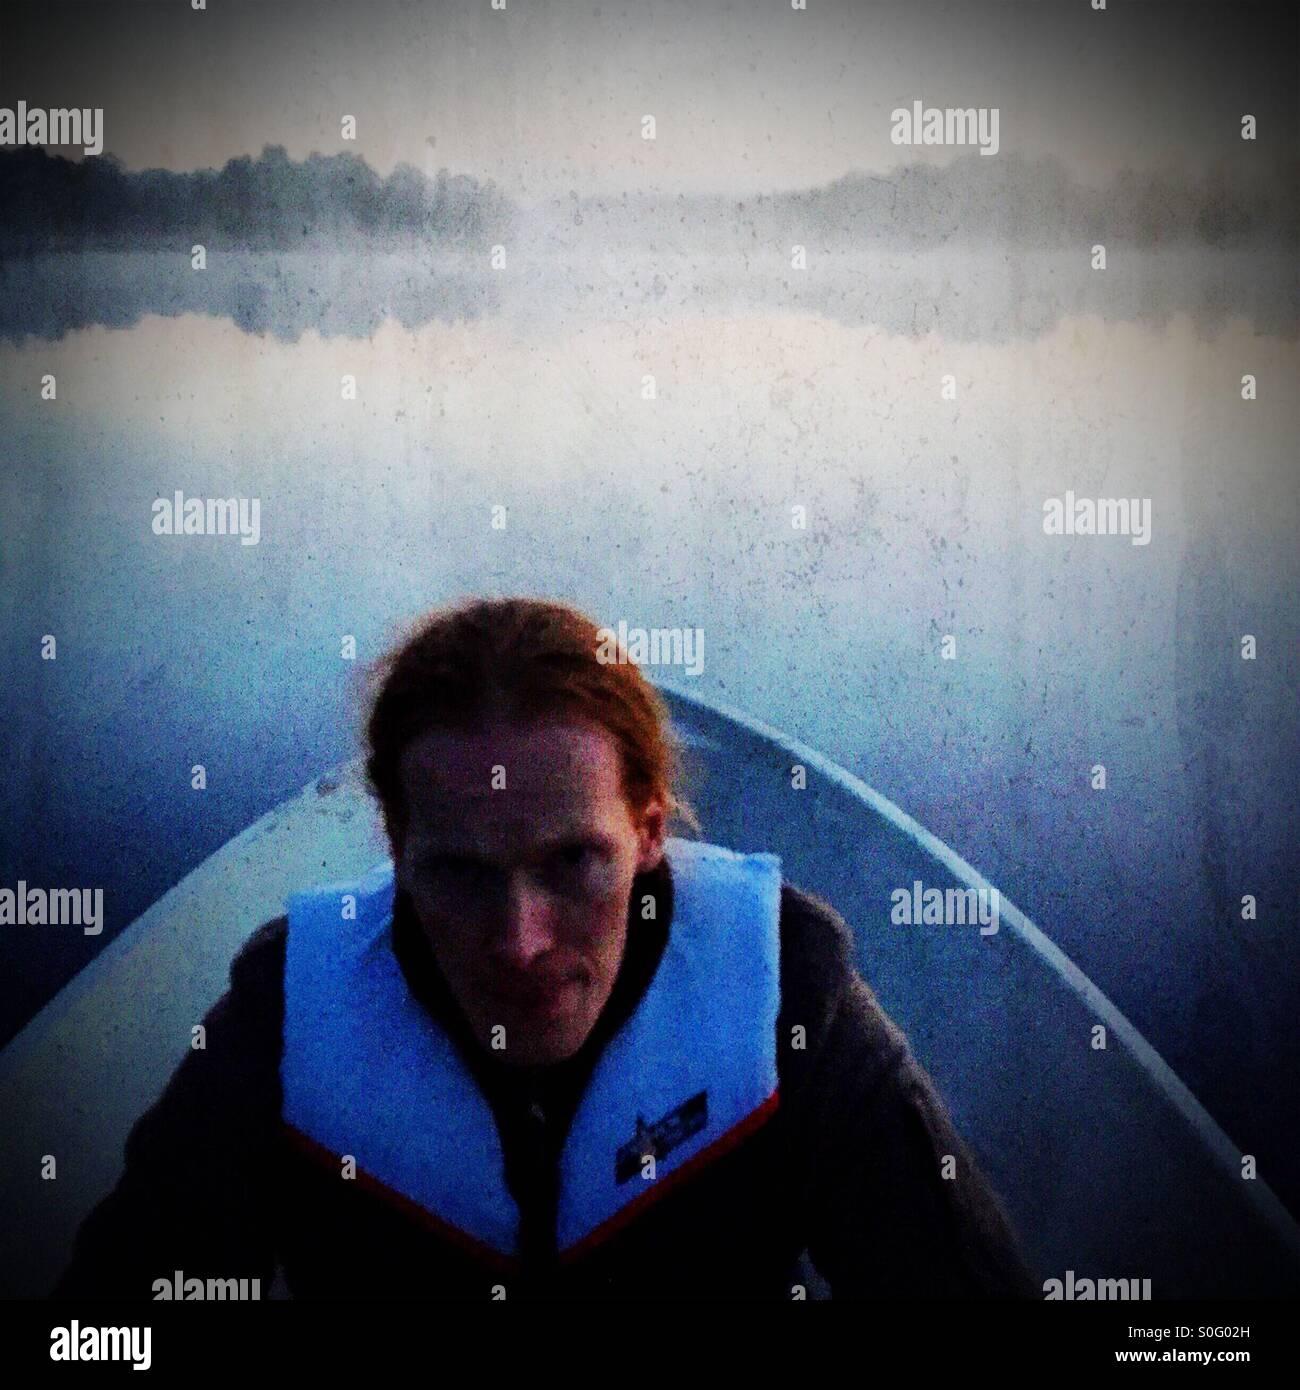 Una red headed hombre remando un bote Imagen De Stock